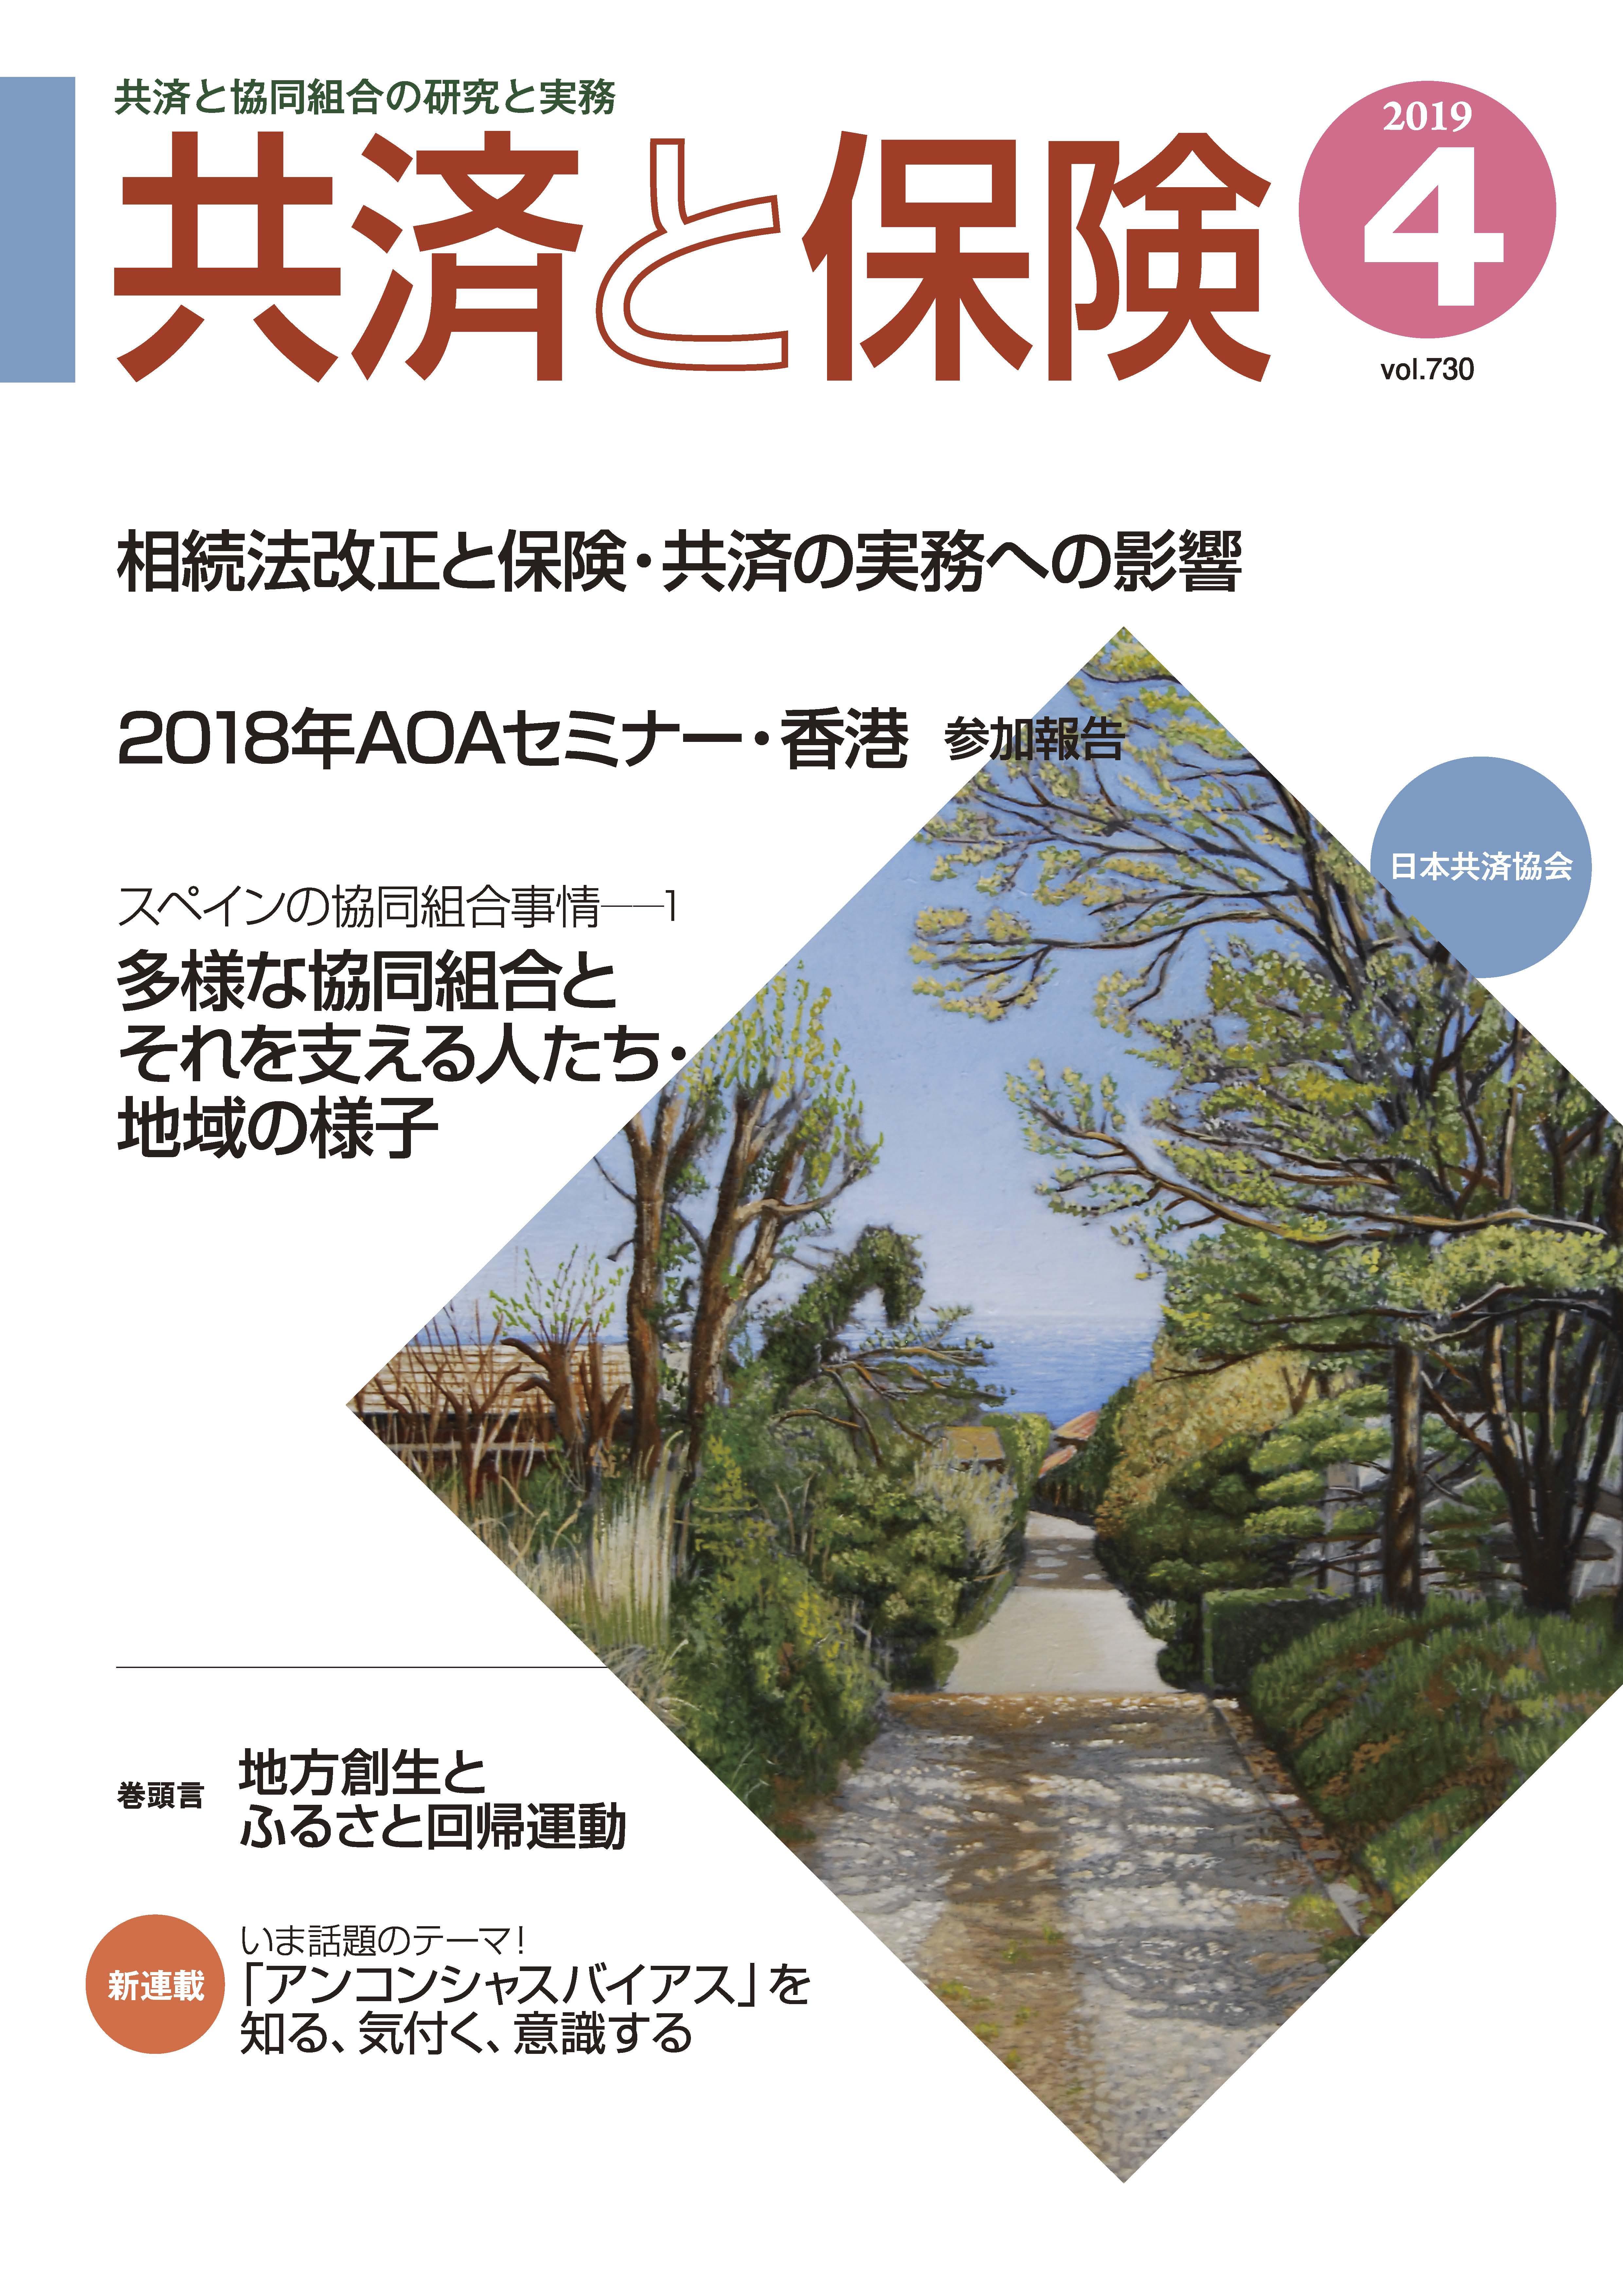 hyoshi_201904